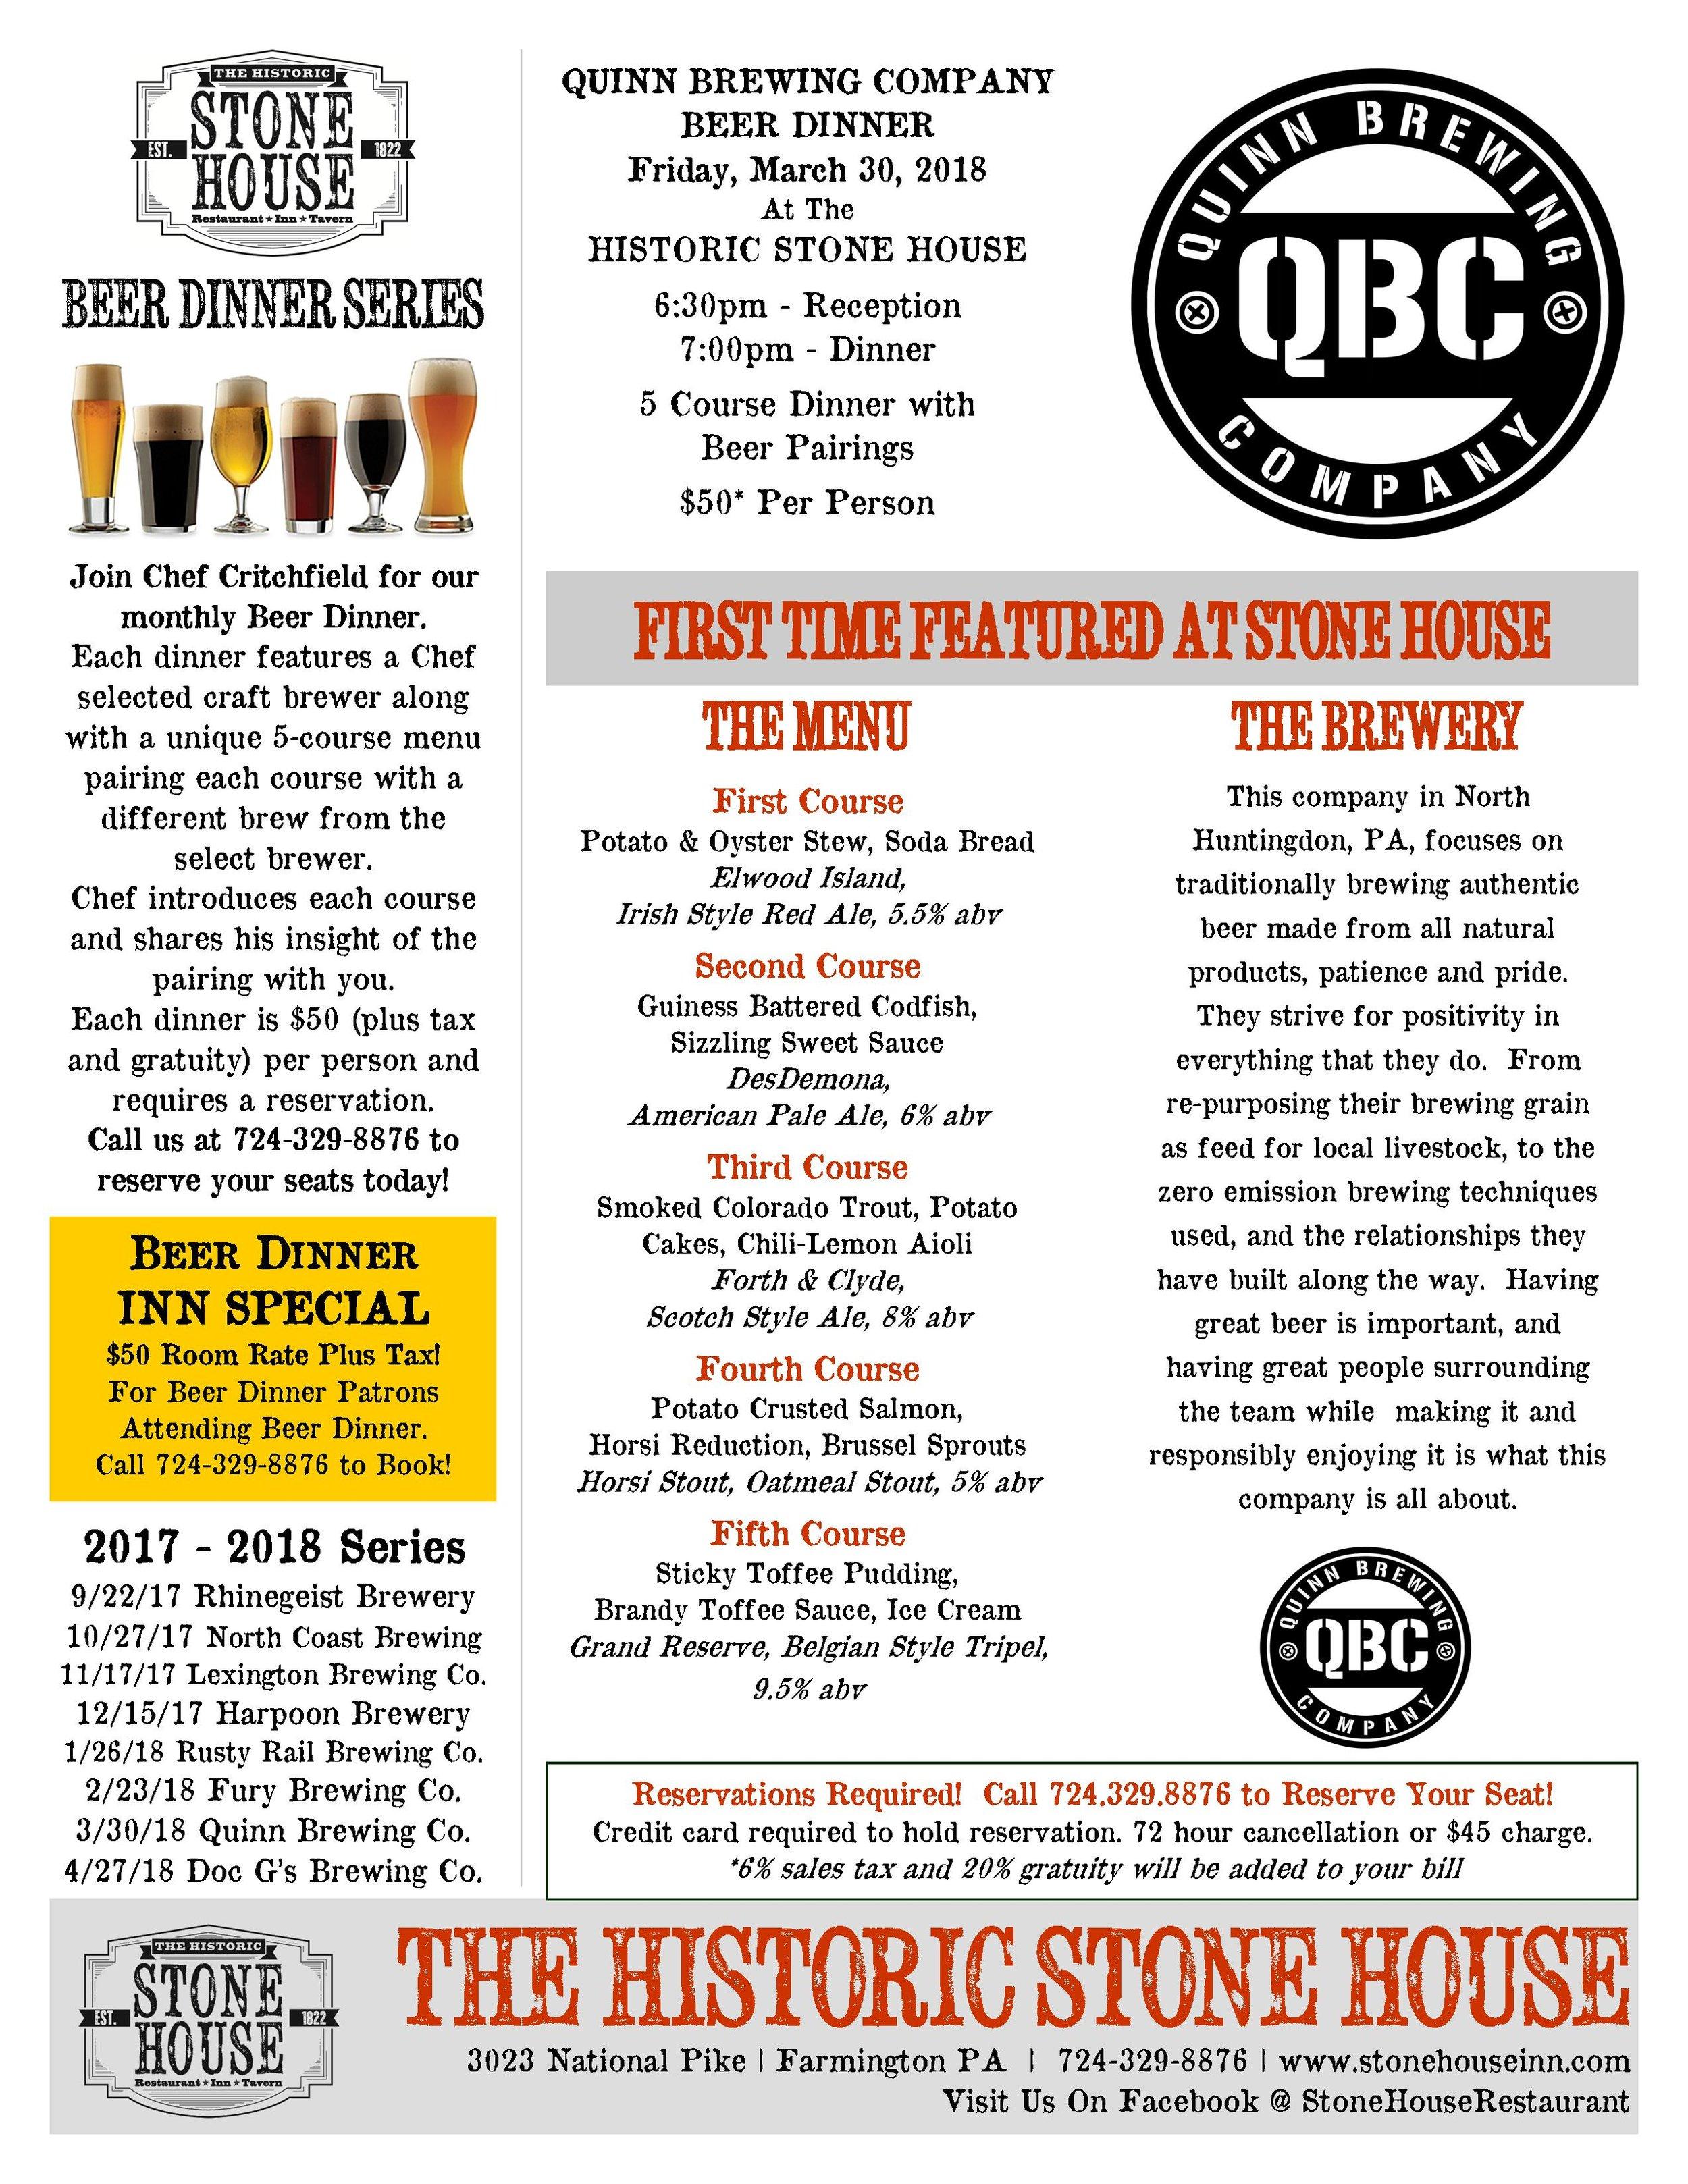 Quinn Beer Dinner 033018.jpg